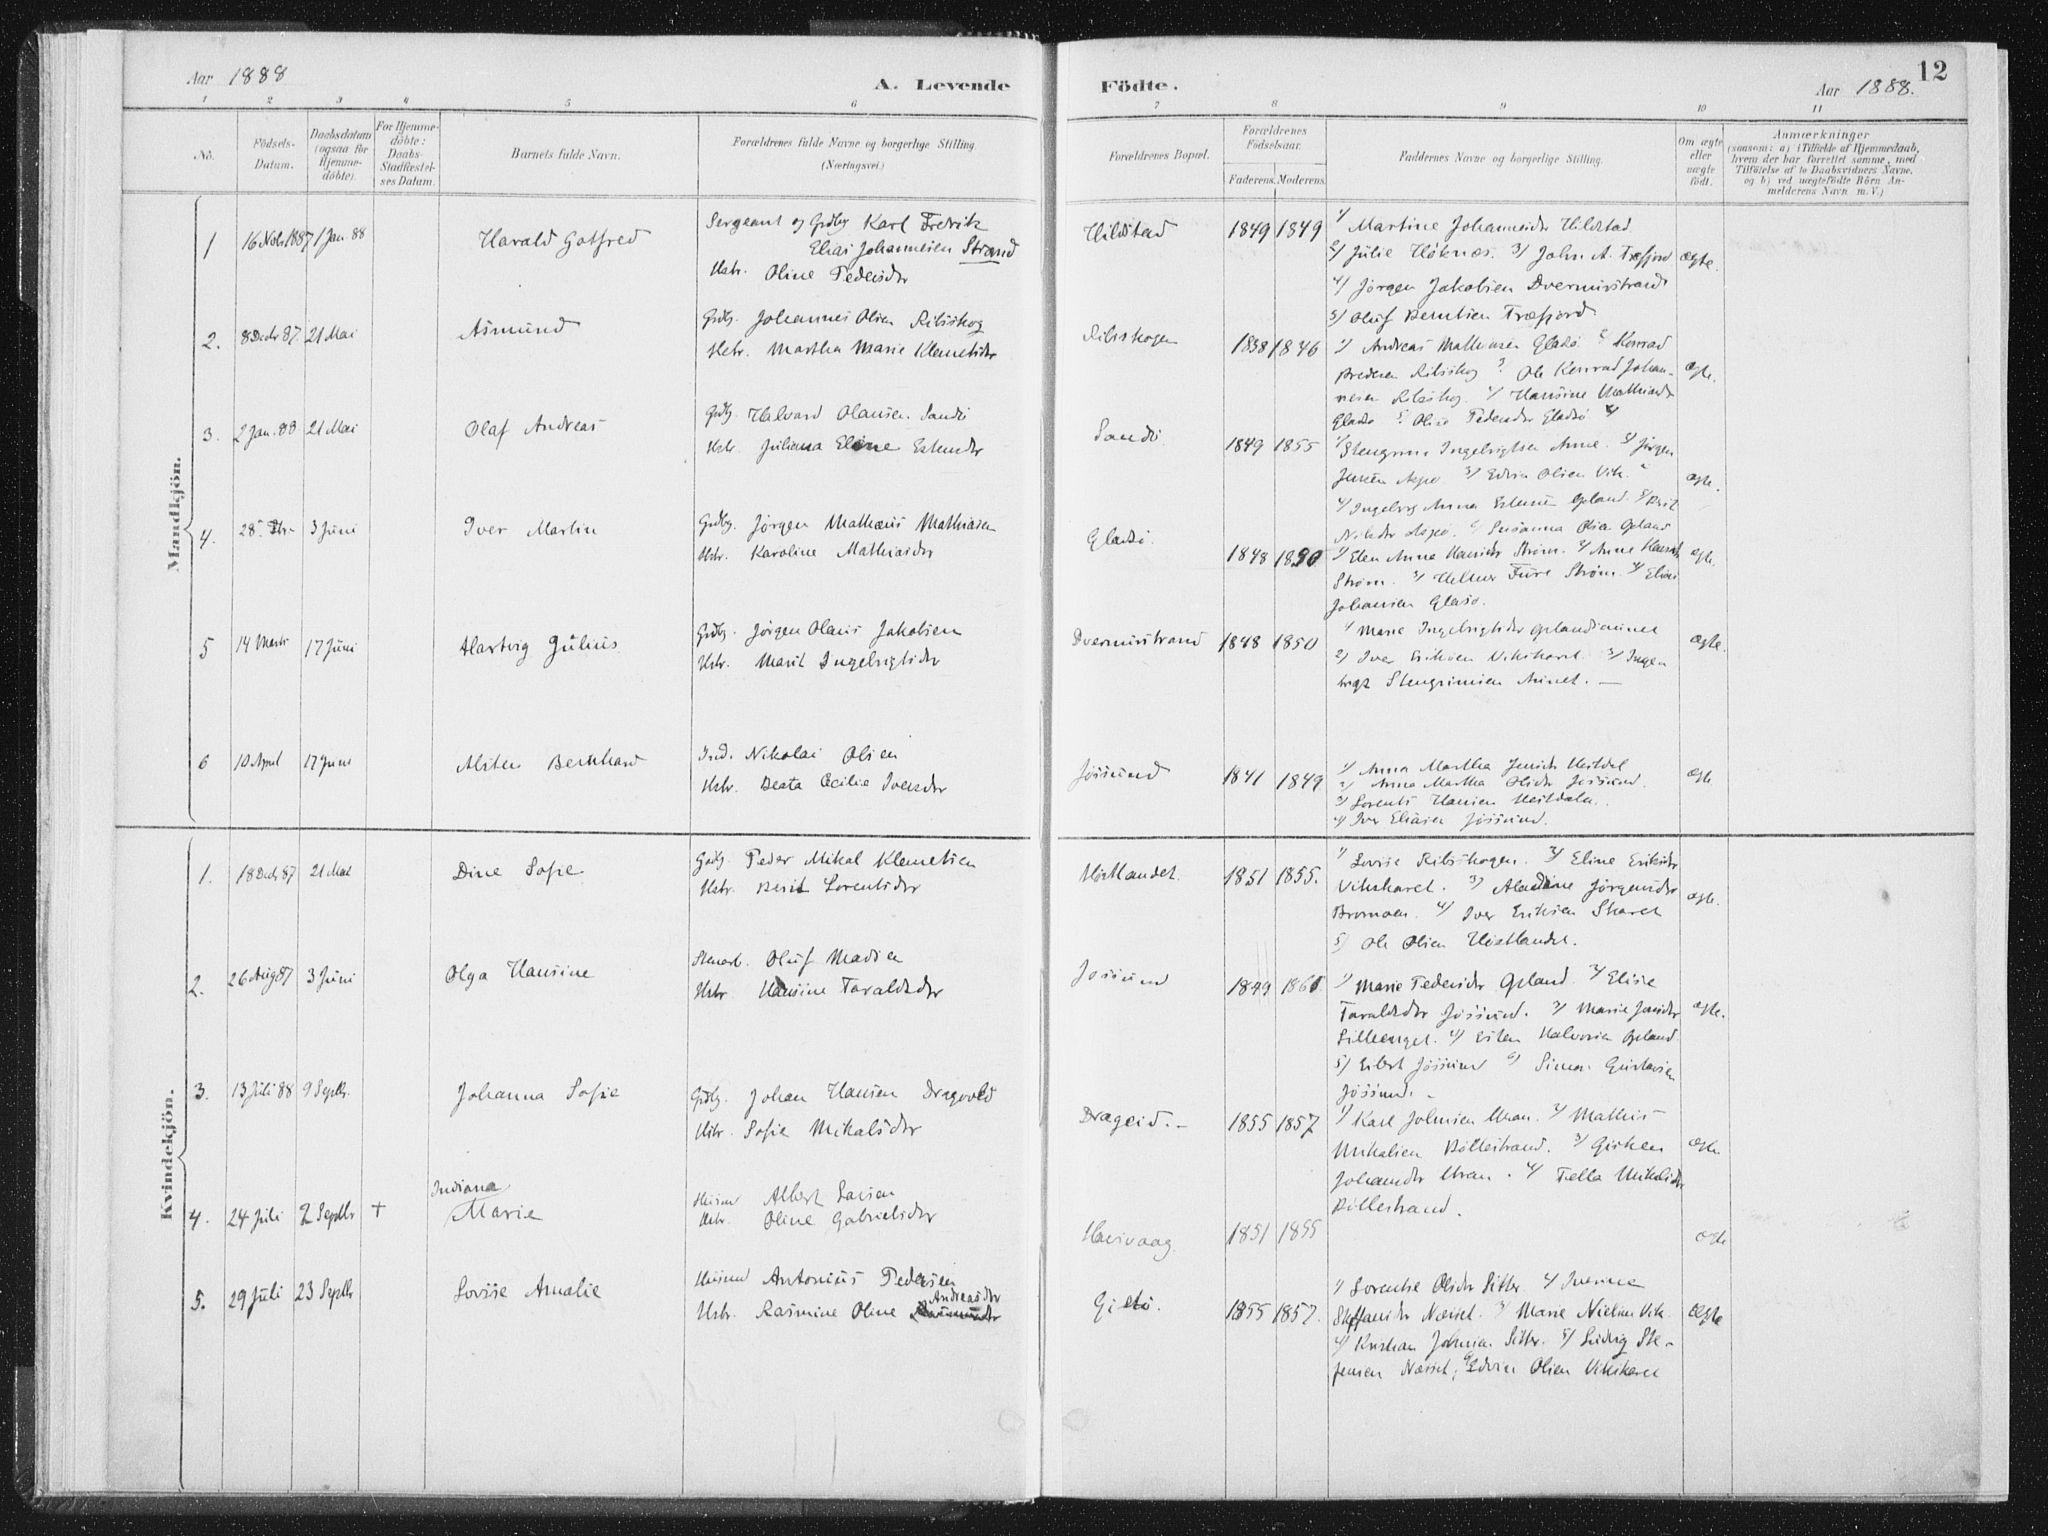 SAT, Ministerialprotokoller, klokkerbøker og fødselsregistre - Nord-Trøndelag, 771/L0597: Ministerialbok nr. 771A04, 1885-1910, s. 12